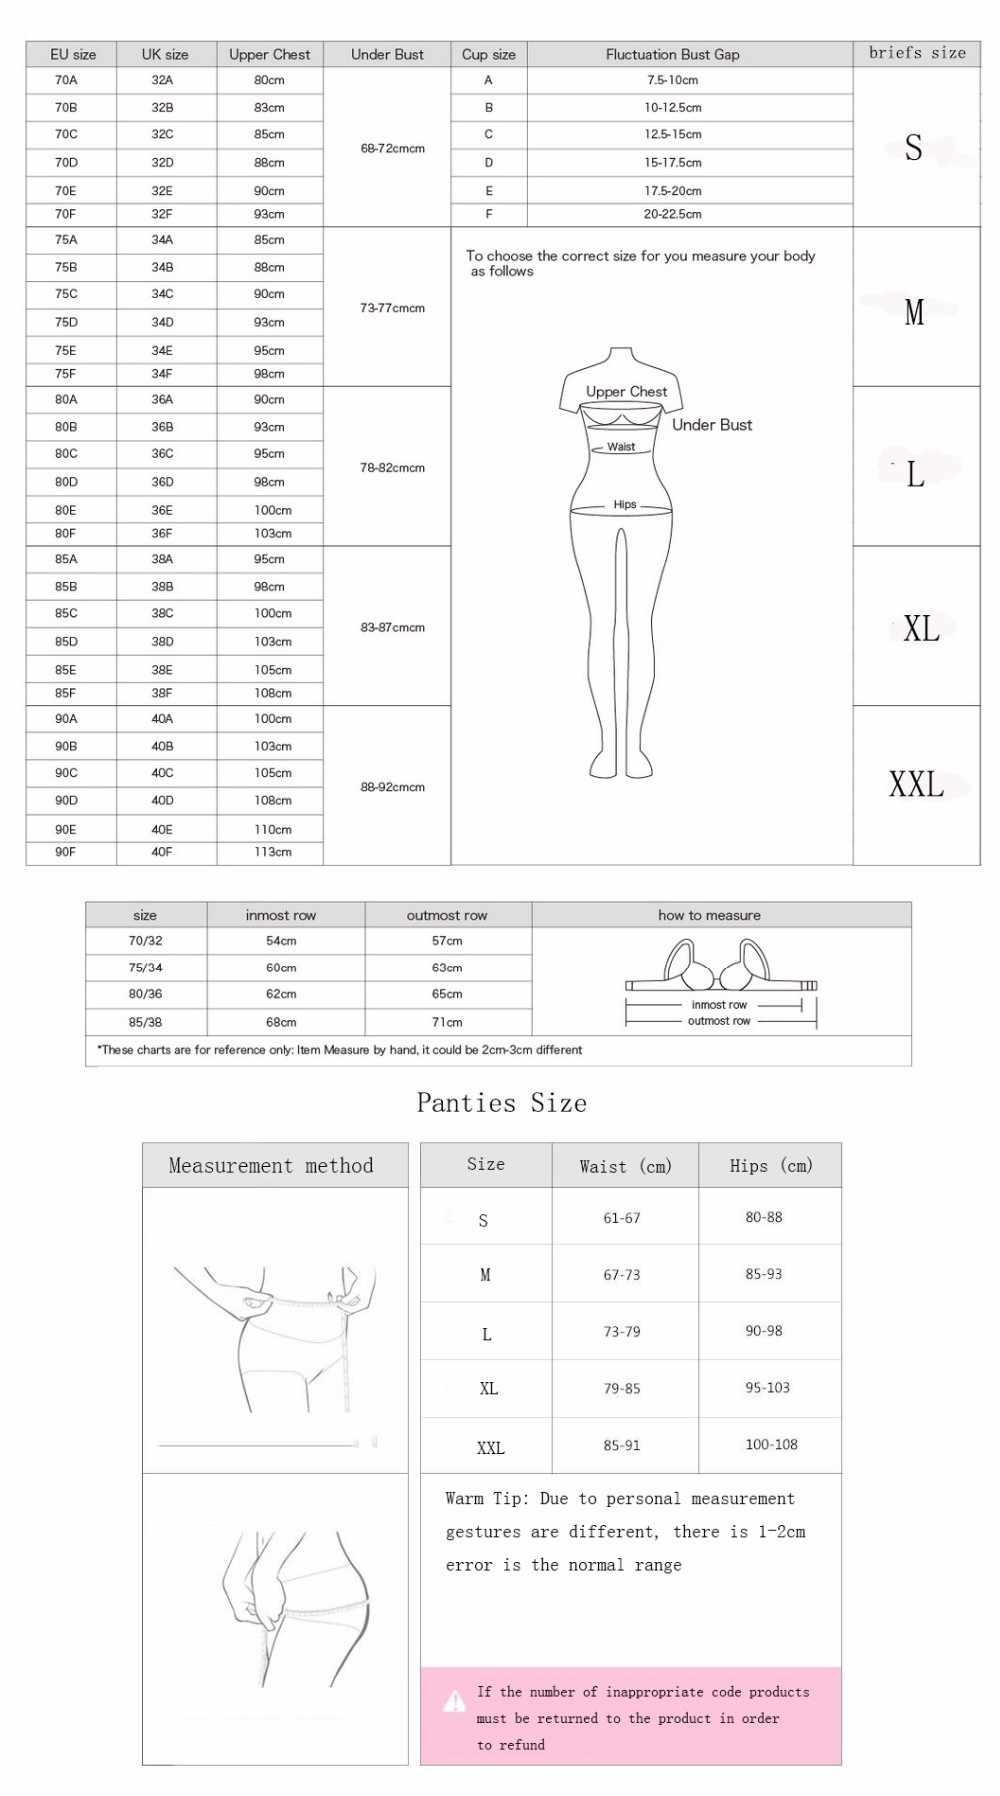 แฟชั่นเย็บปักถักร้อย Bras ชุดชั้นในสตรีชุด PLUS ขนาดชุดชั้นในเซ็กซี่ C D ถ้วย Ultrathin โปร่งใสชุดชั้นในกางเกงลูกไม้ชุด